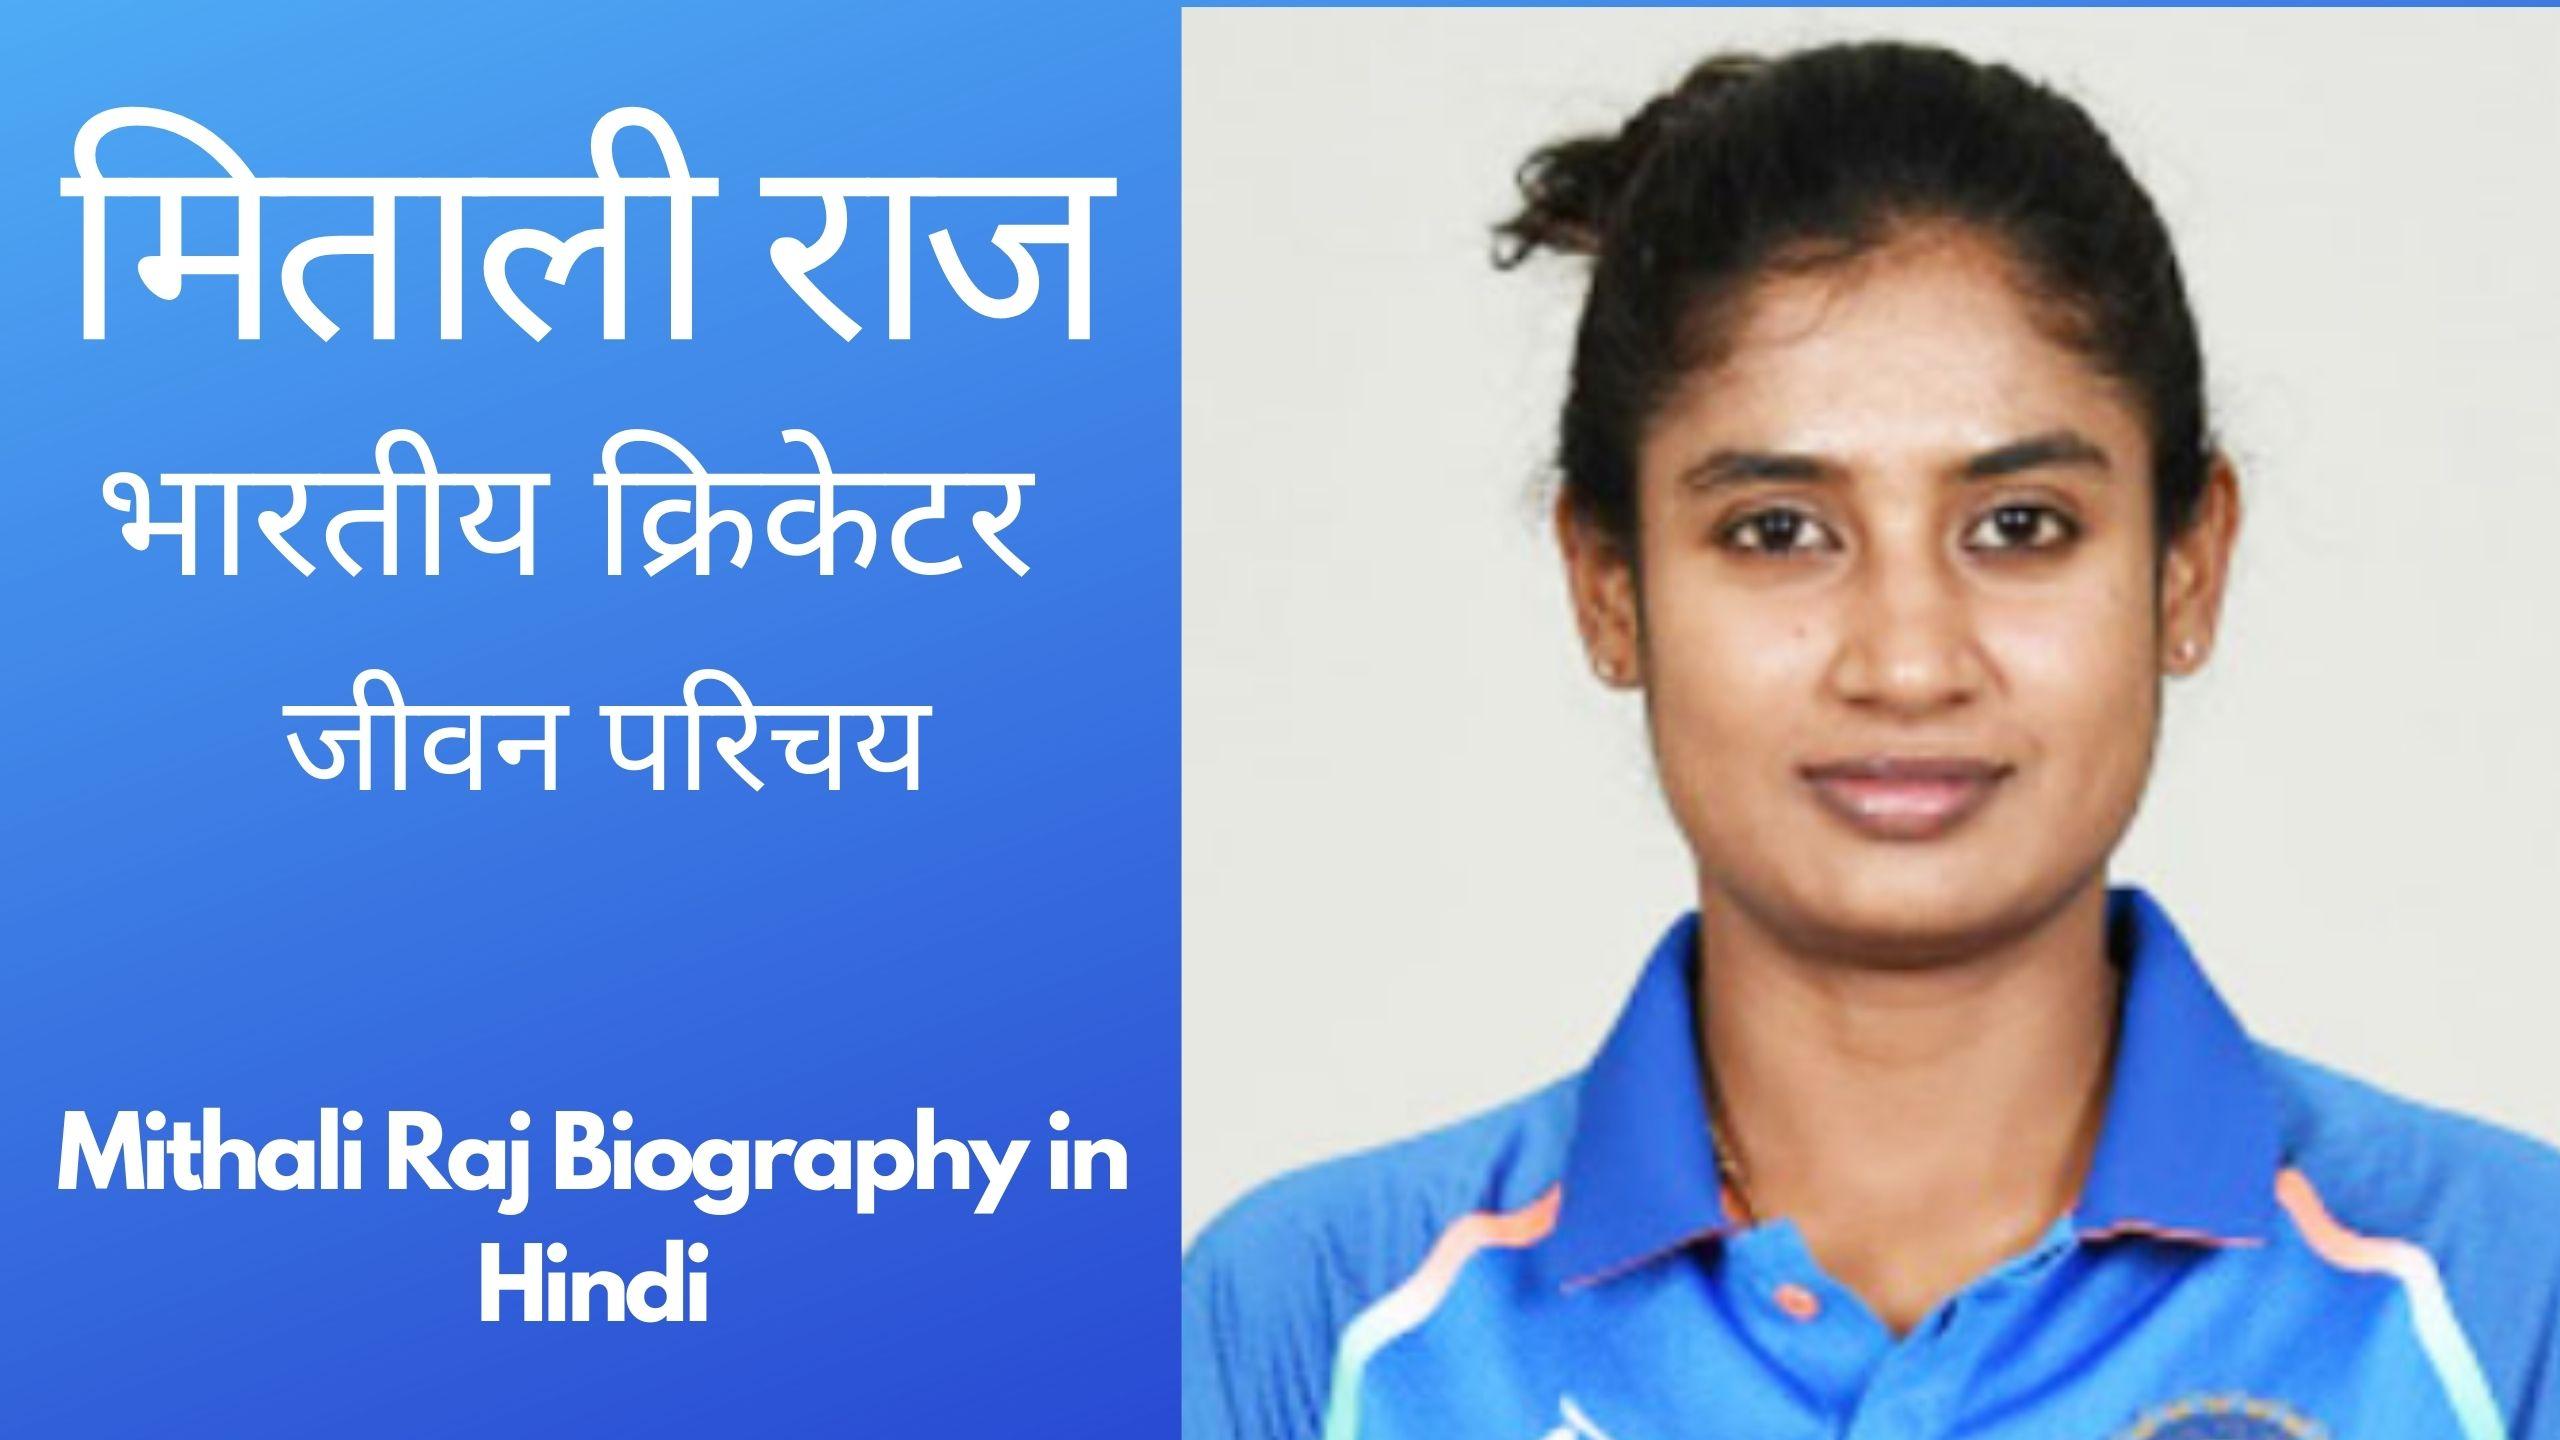 मिताली राज - Mithali Raj Biography in hindi